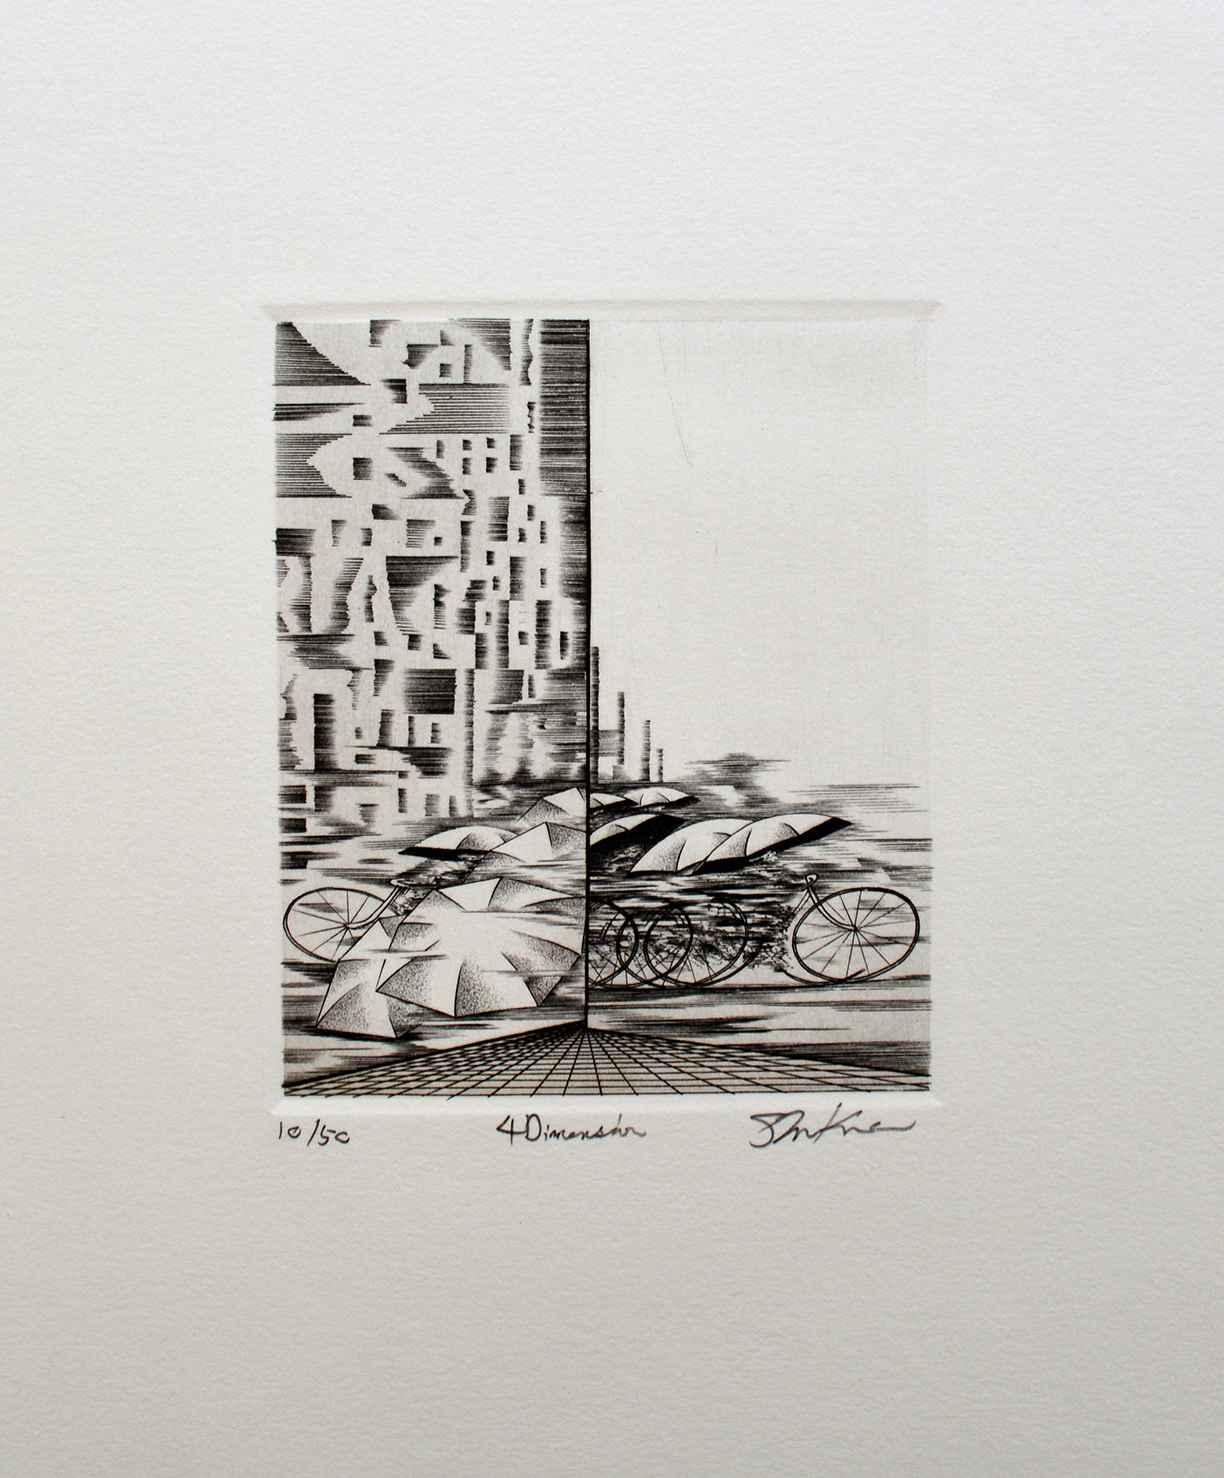 4 Dimension by  Shigeki Kuroda - Masterpiece Online